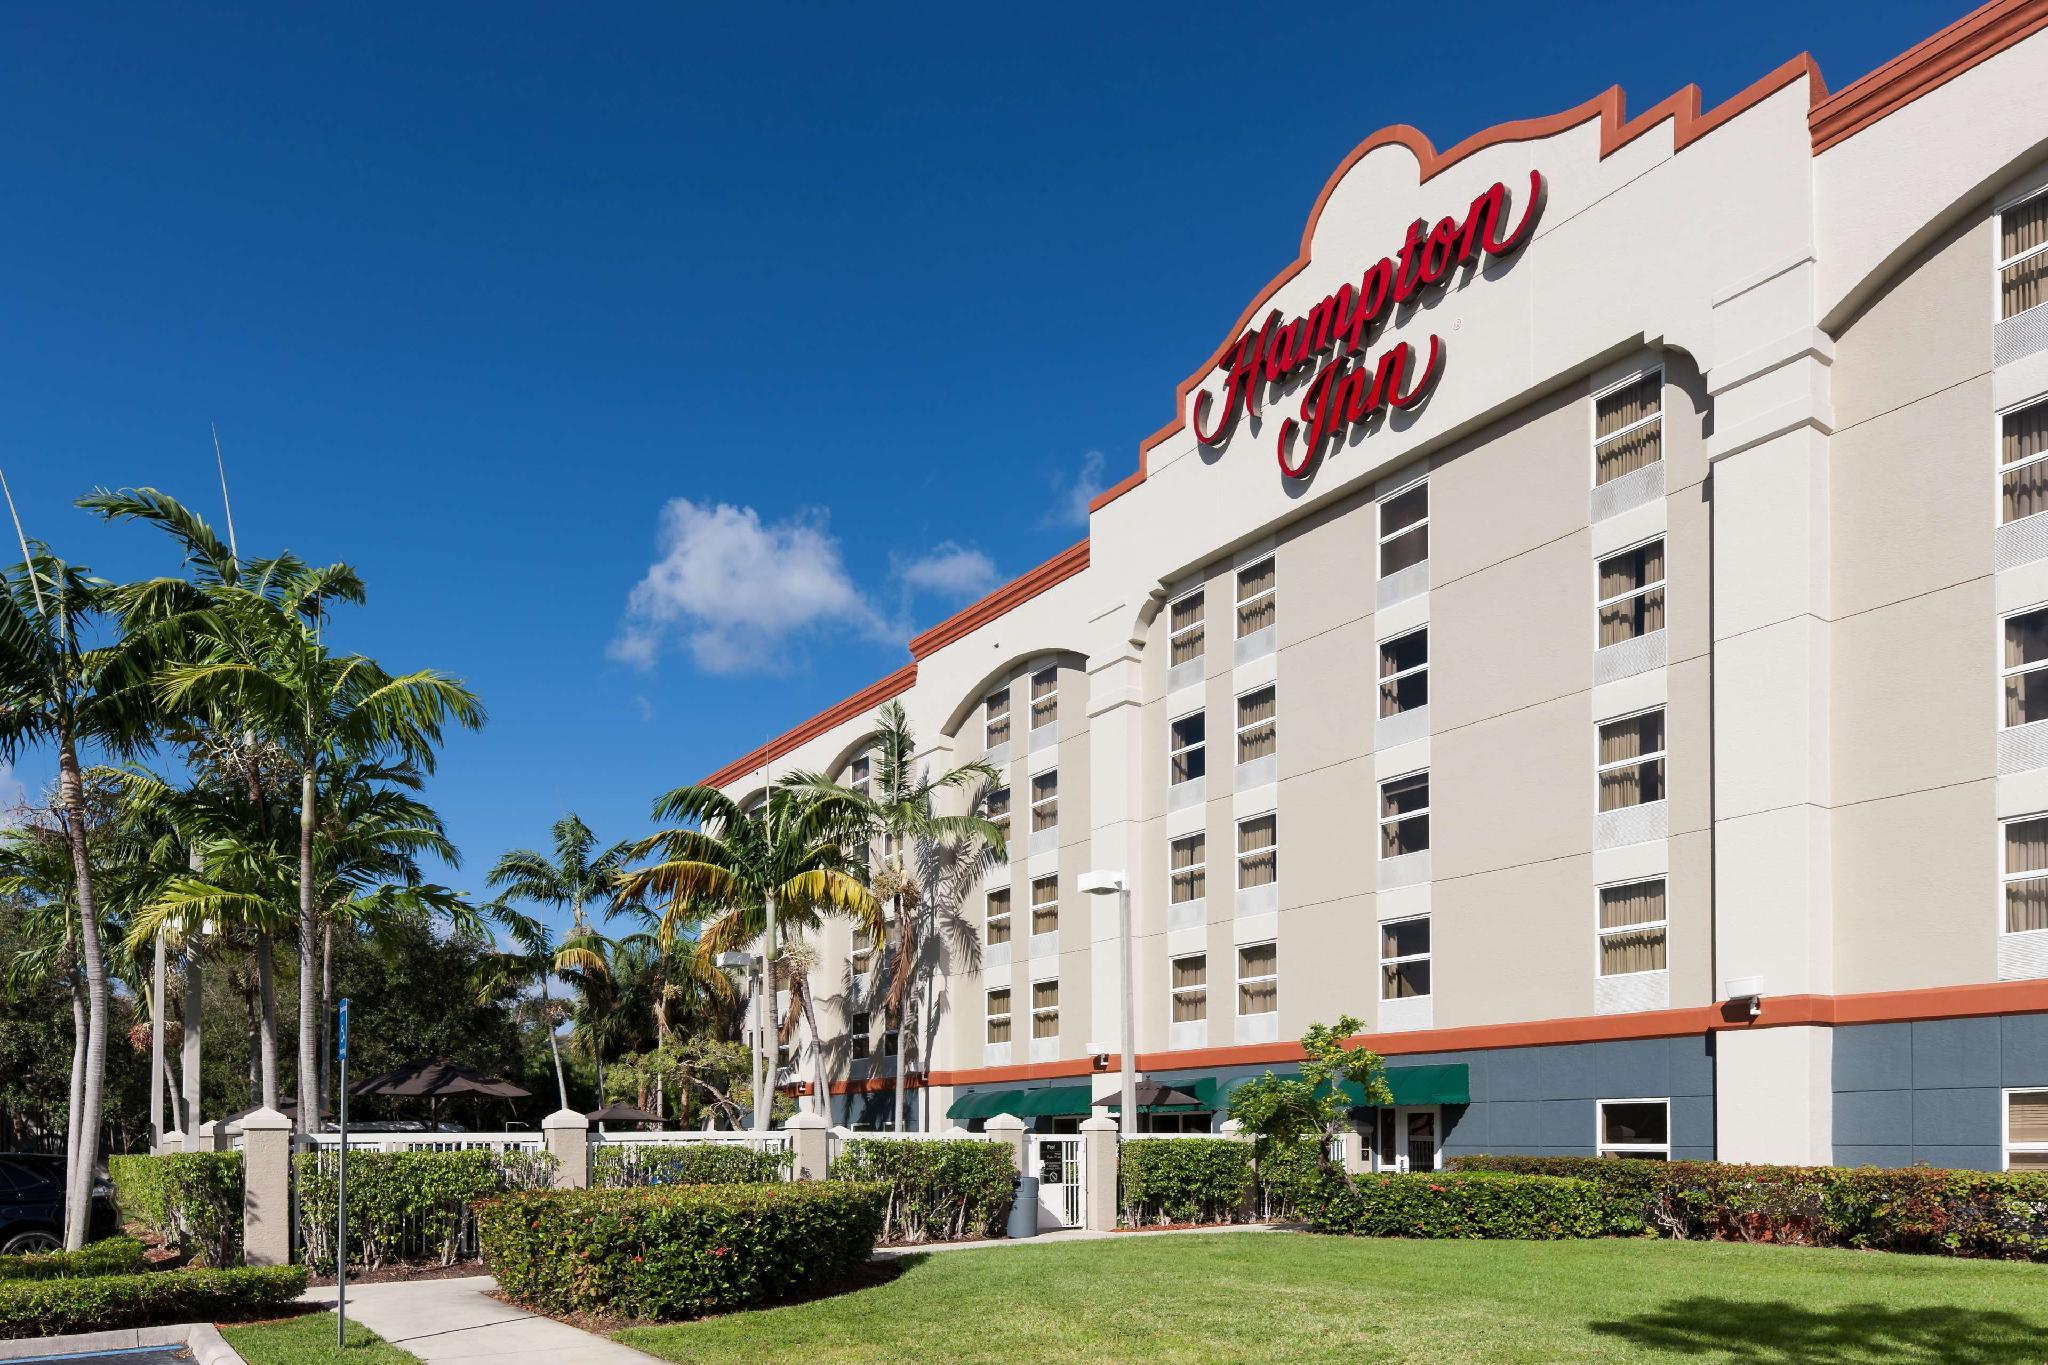 Hampton Inn Ft Lauderdale Airport North Hotel